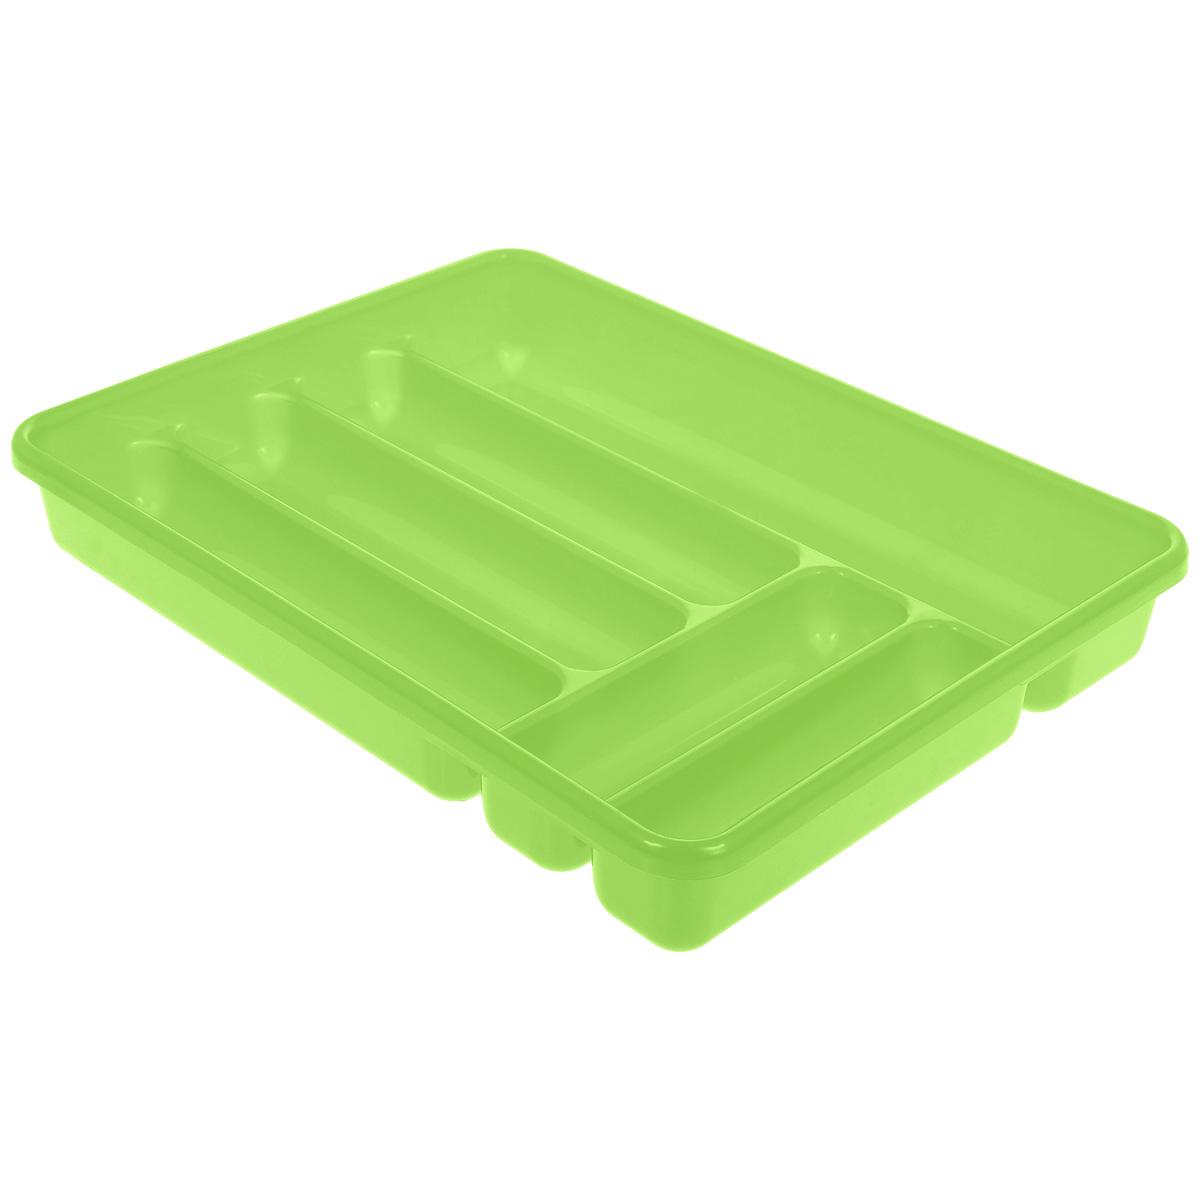 """Лоток для столовых приборов """"Cosmoplast"""" изготовлен из высококачественного пищевого пластика. Он предназначен для выдвигающихся ящиков на кухне. Лоток имеет шесть отделений: три отделения для вилок, ложек, ножей, два малых отделения для чайных ложек и десертных вилок, одно большое отделение для остальных приборов.Размер большого отделения: 38,5 см х 8 см.Размер средних отделений: 27 см х 6,5 см.Размер маленьких отделений: 20 см х 5 см."""